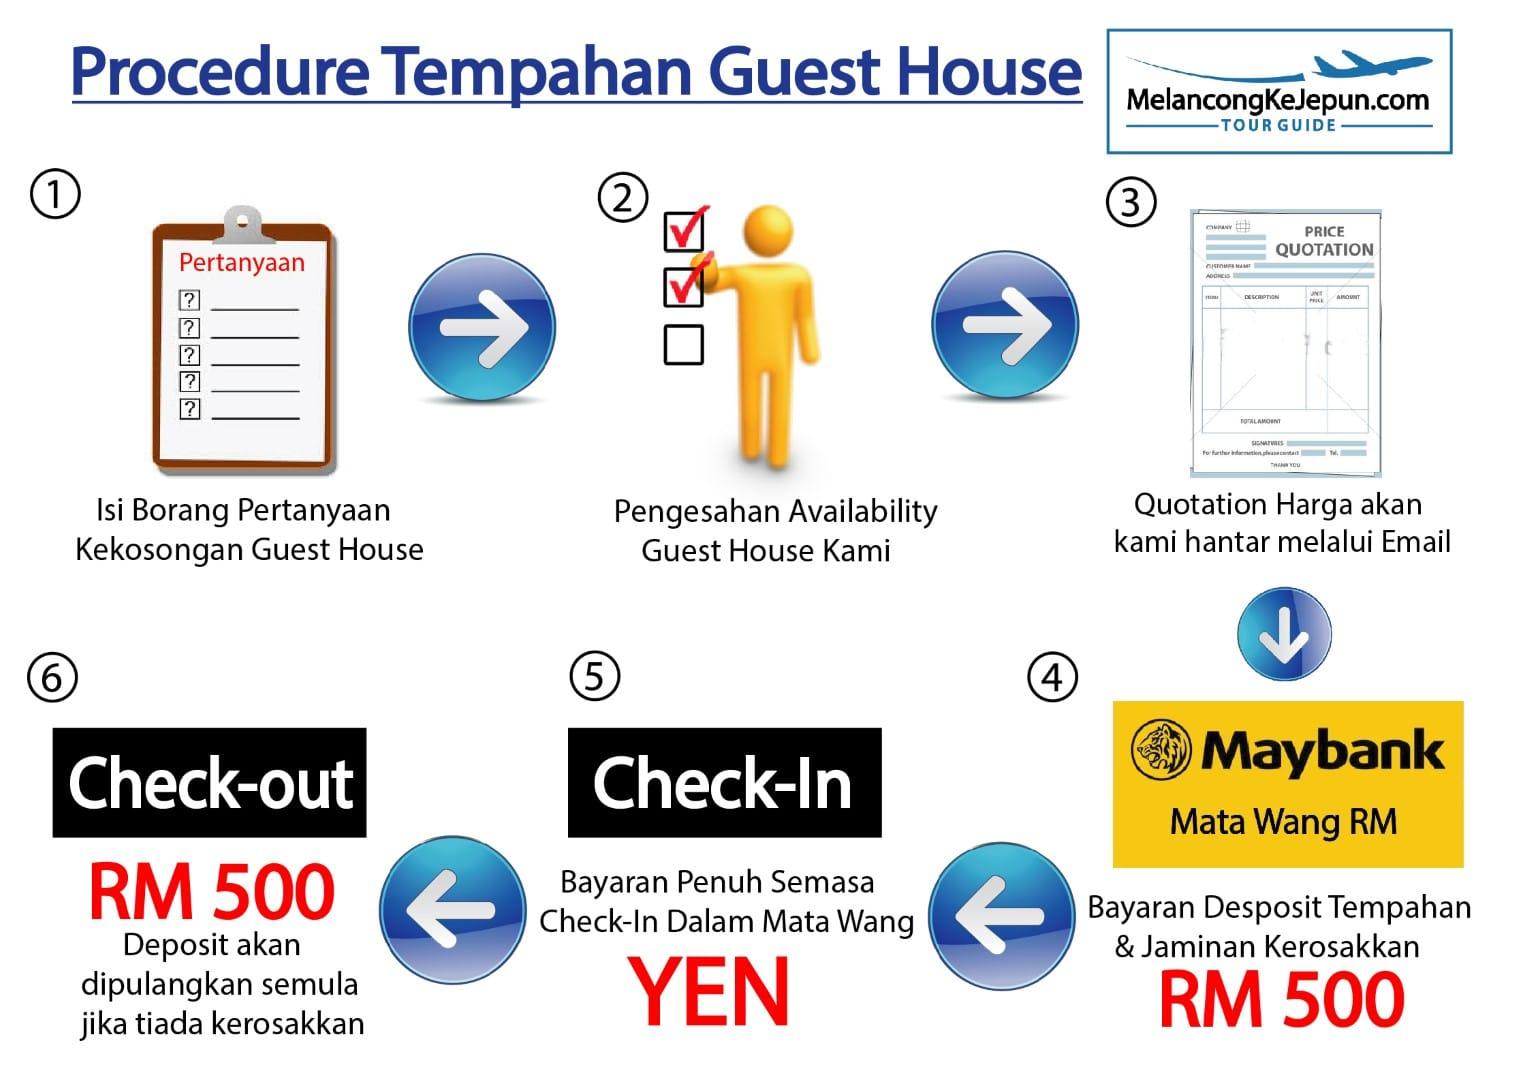 procedure-tempahan-guest-house-01-large